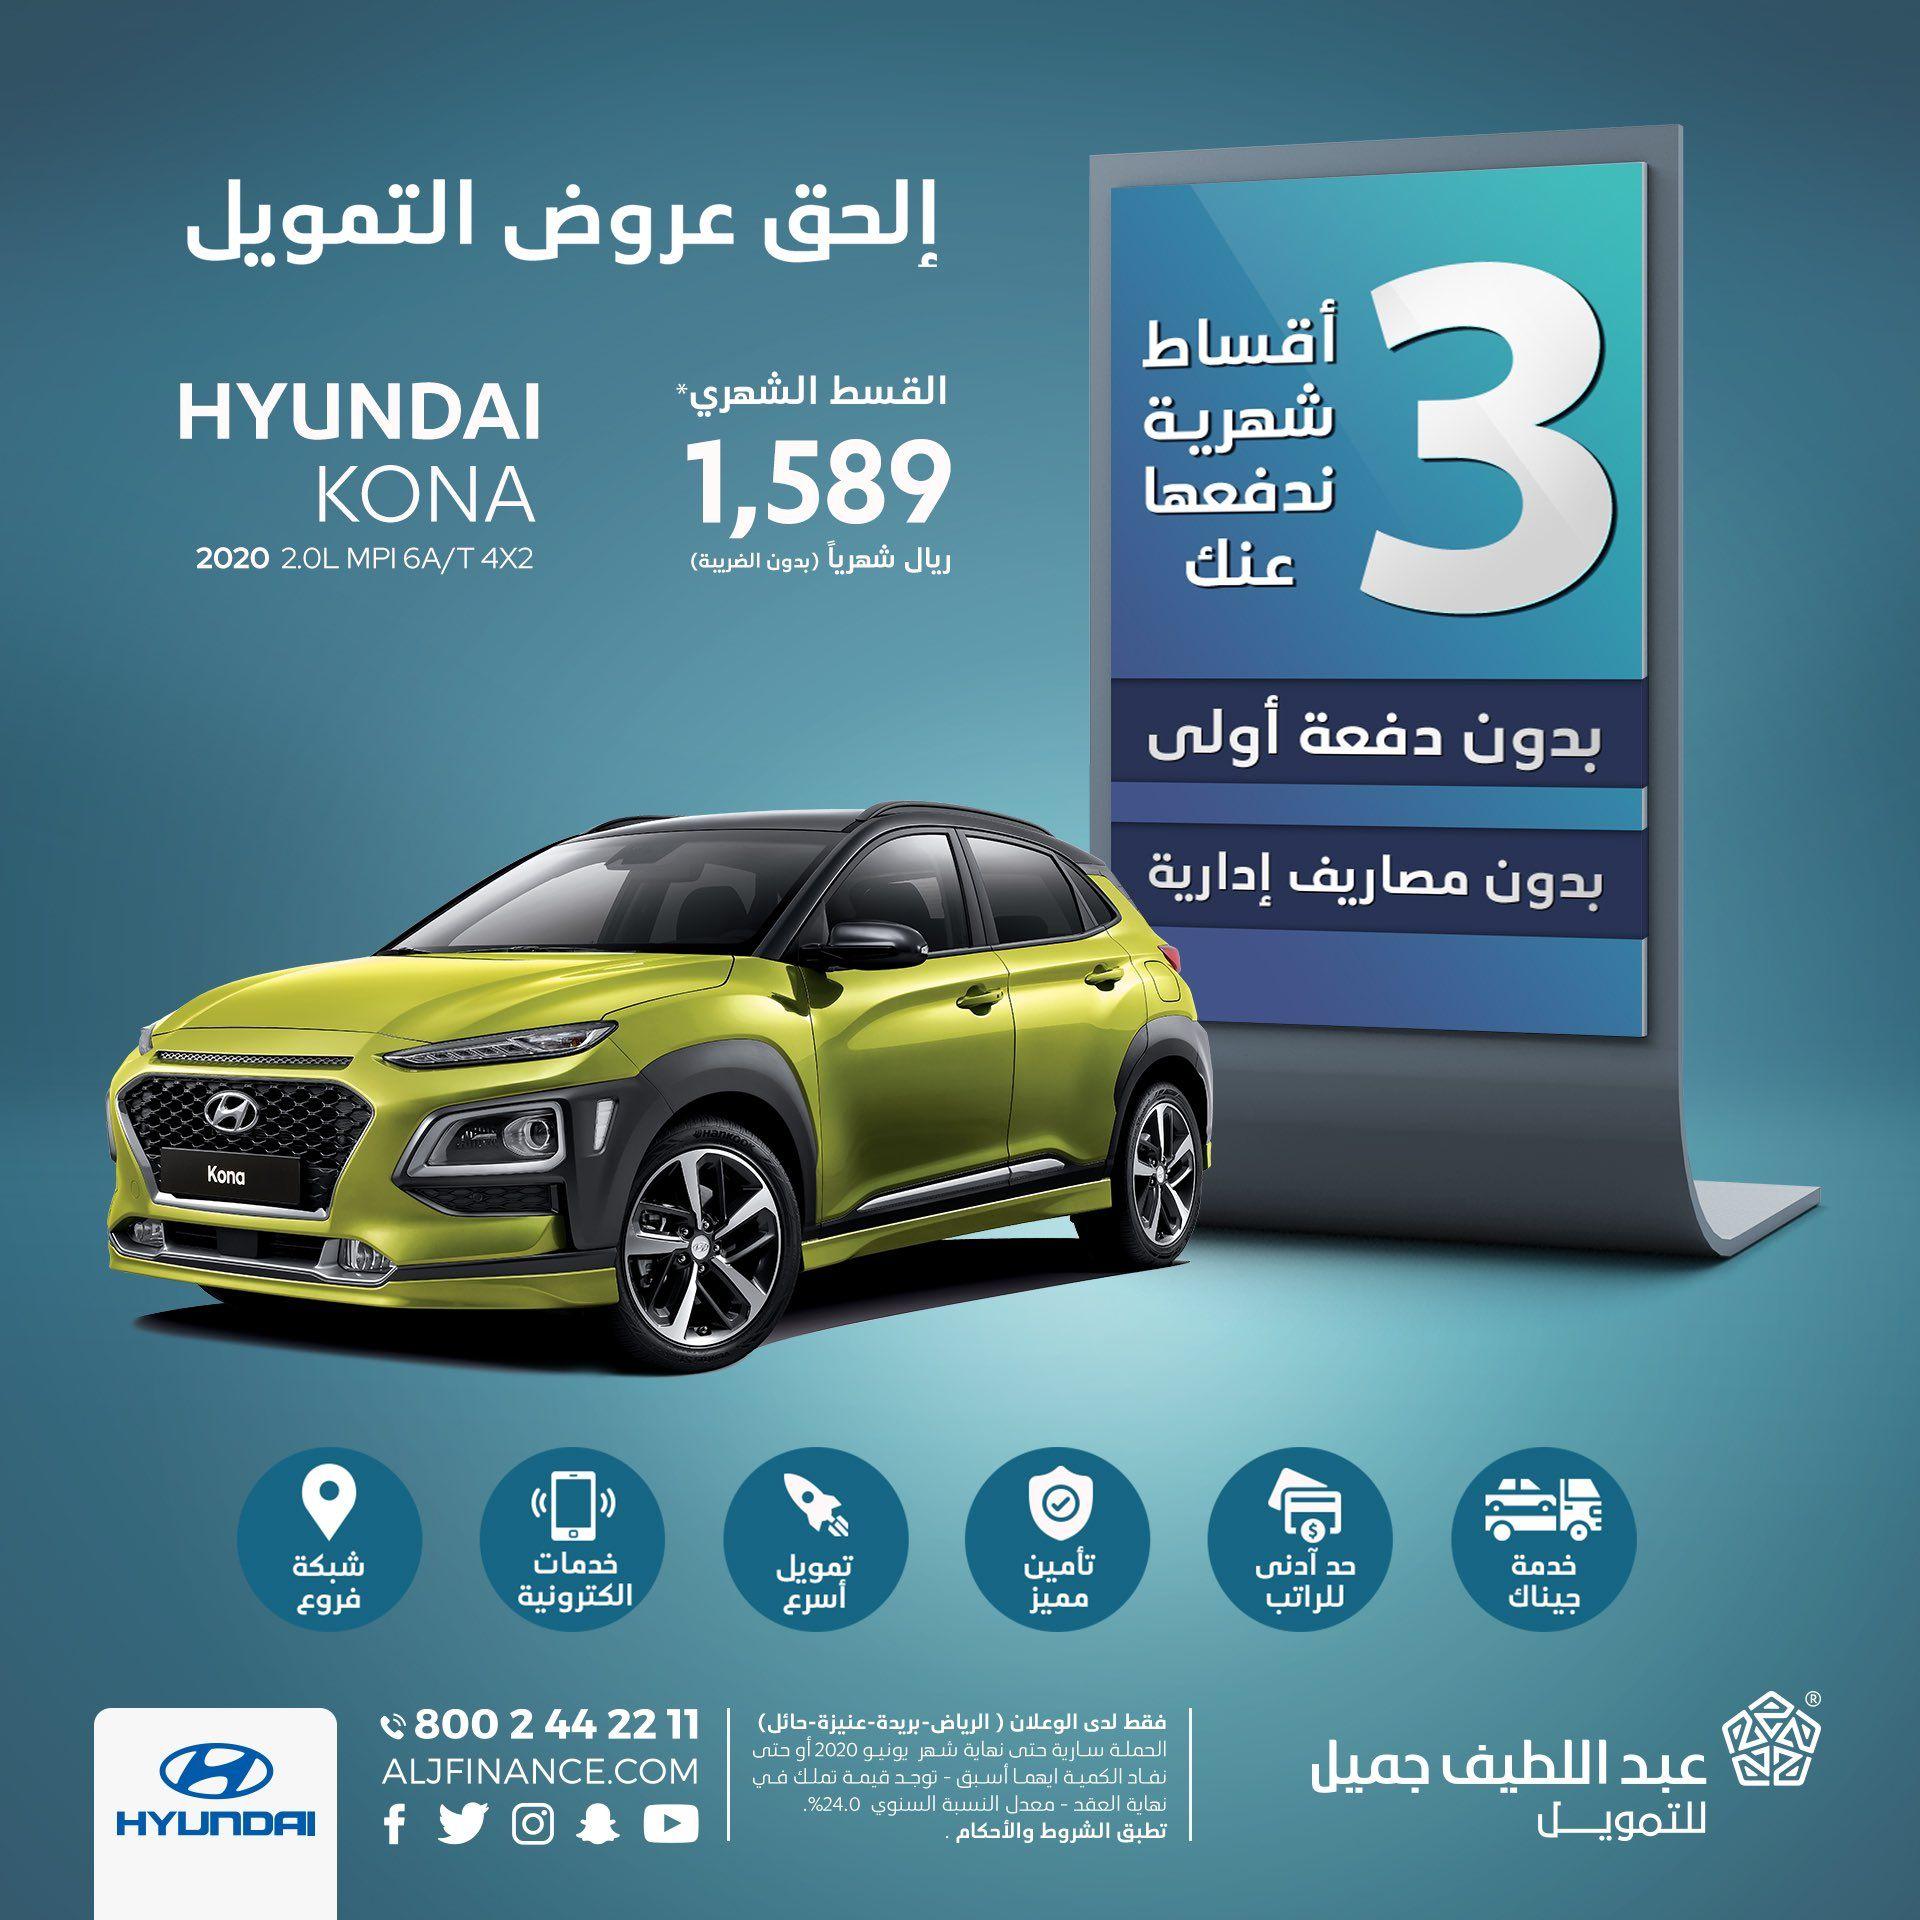 عروض السيارات عروض عبداللطيف جميل علي سيارات هيونداي 2020 عروض اليوم Hyundai Toy Car Car